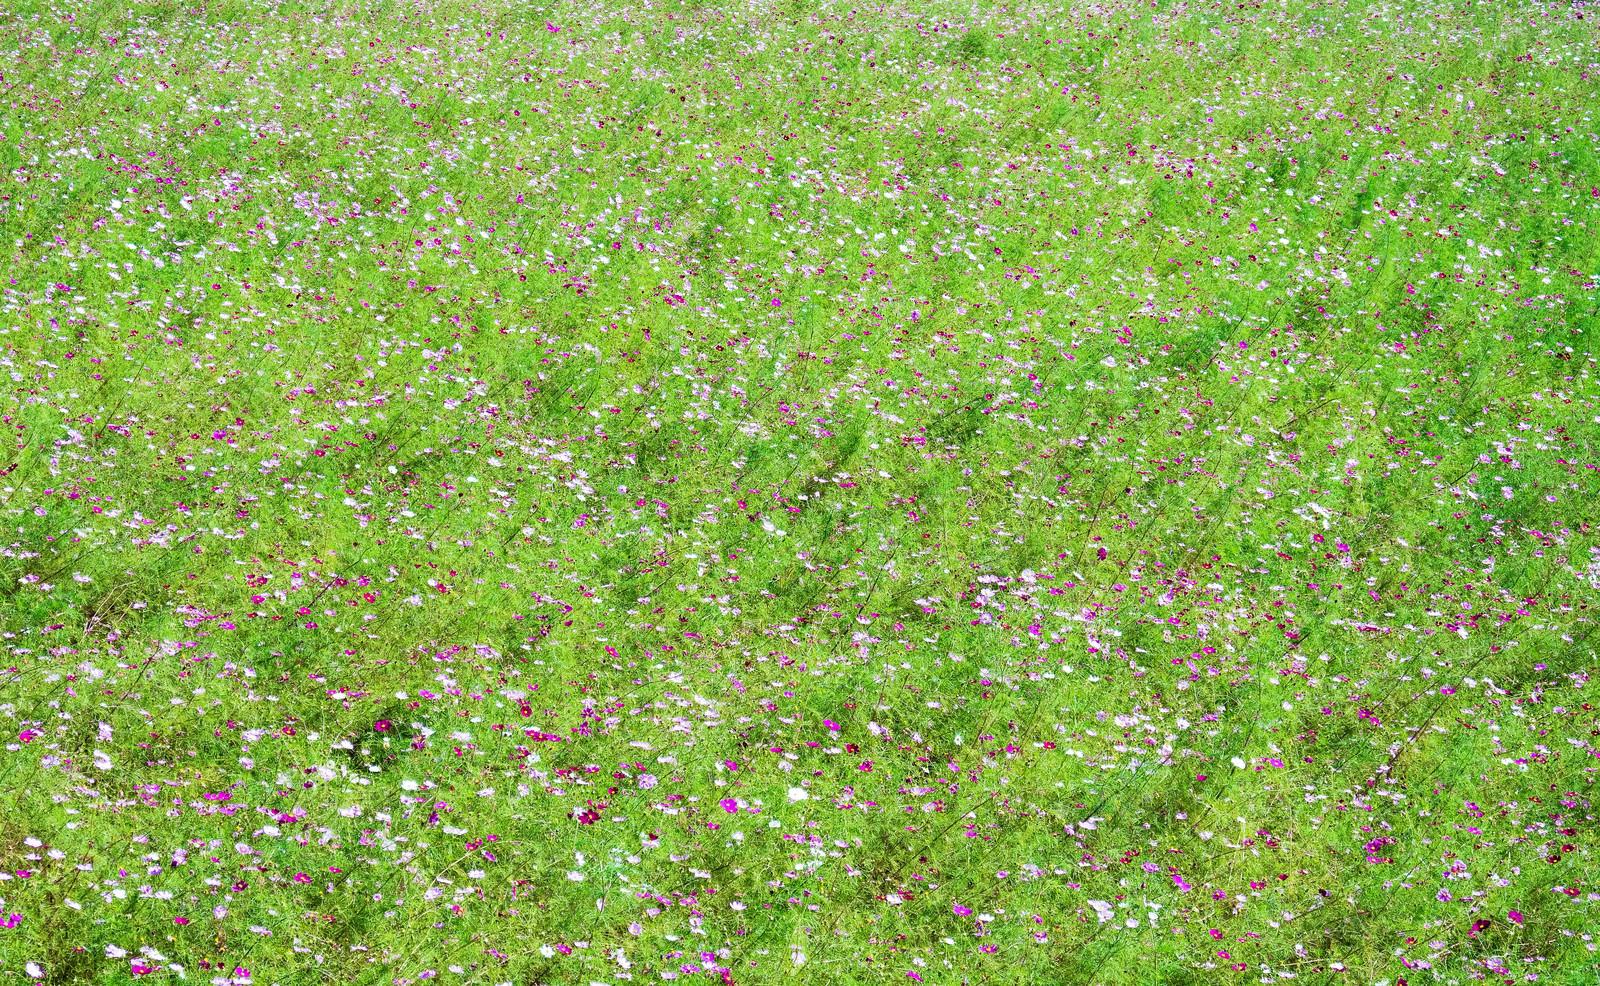 「一面のコスモスの花を上から一面のコスモスの花を上から」のフリー写真素材を拡大